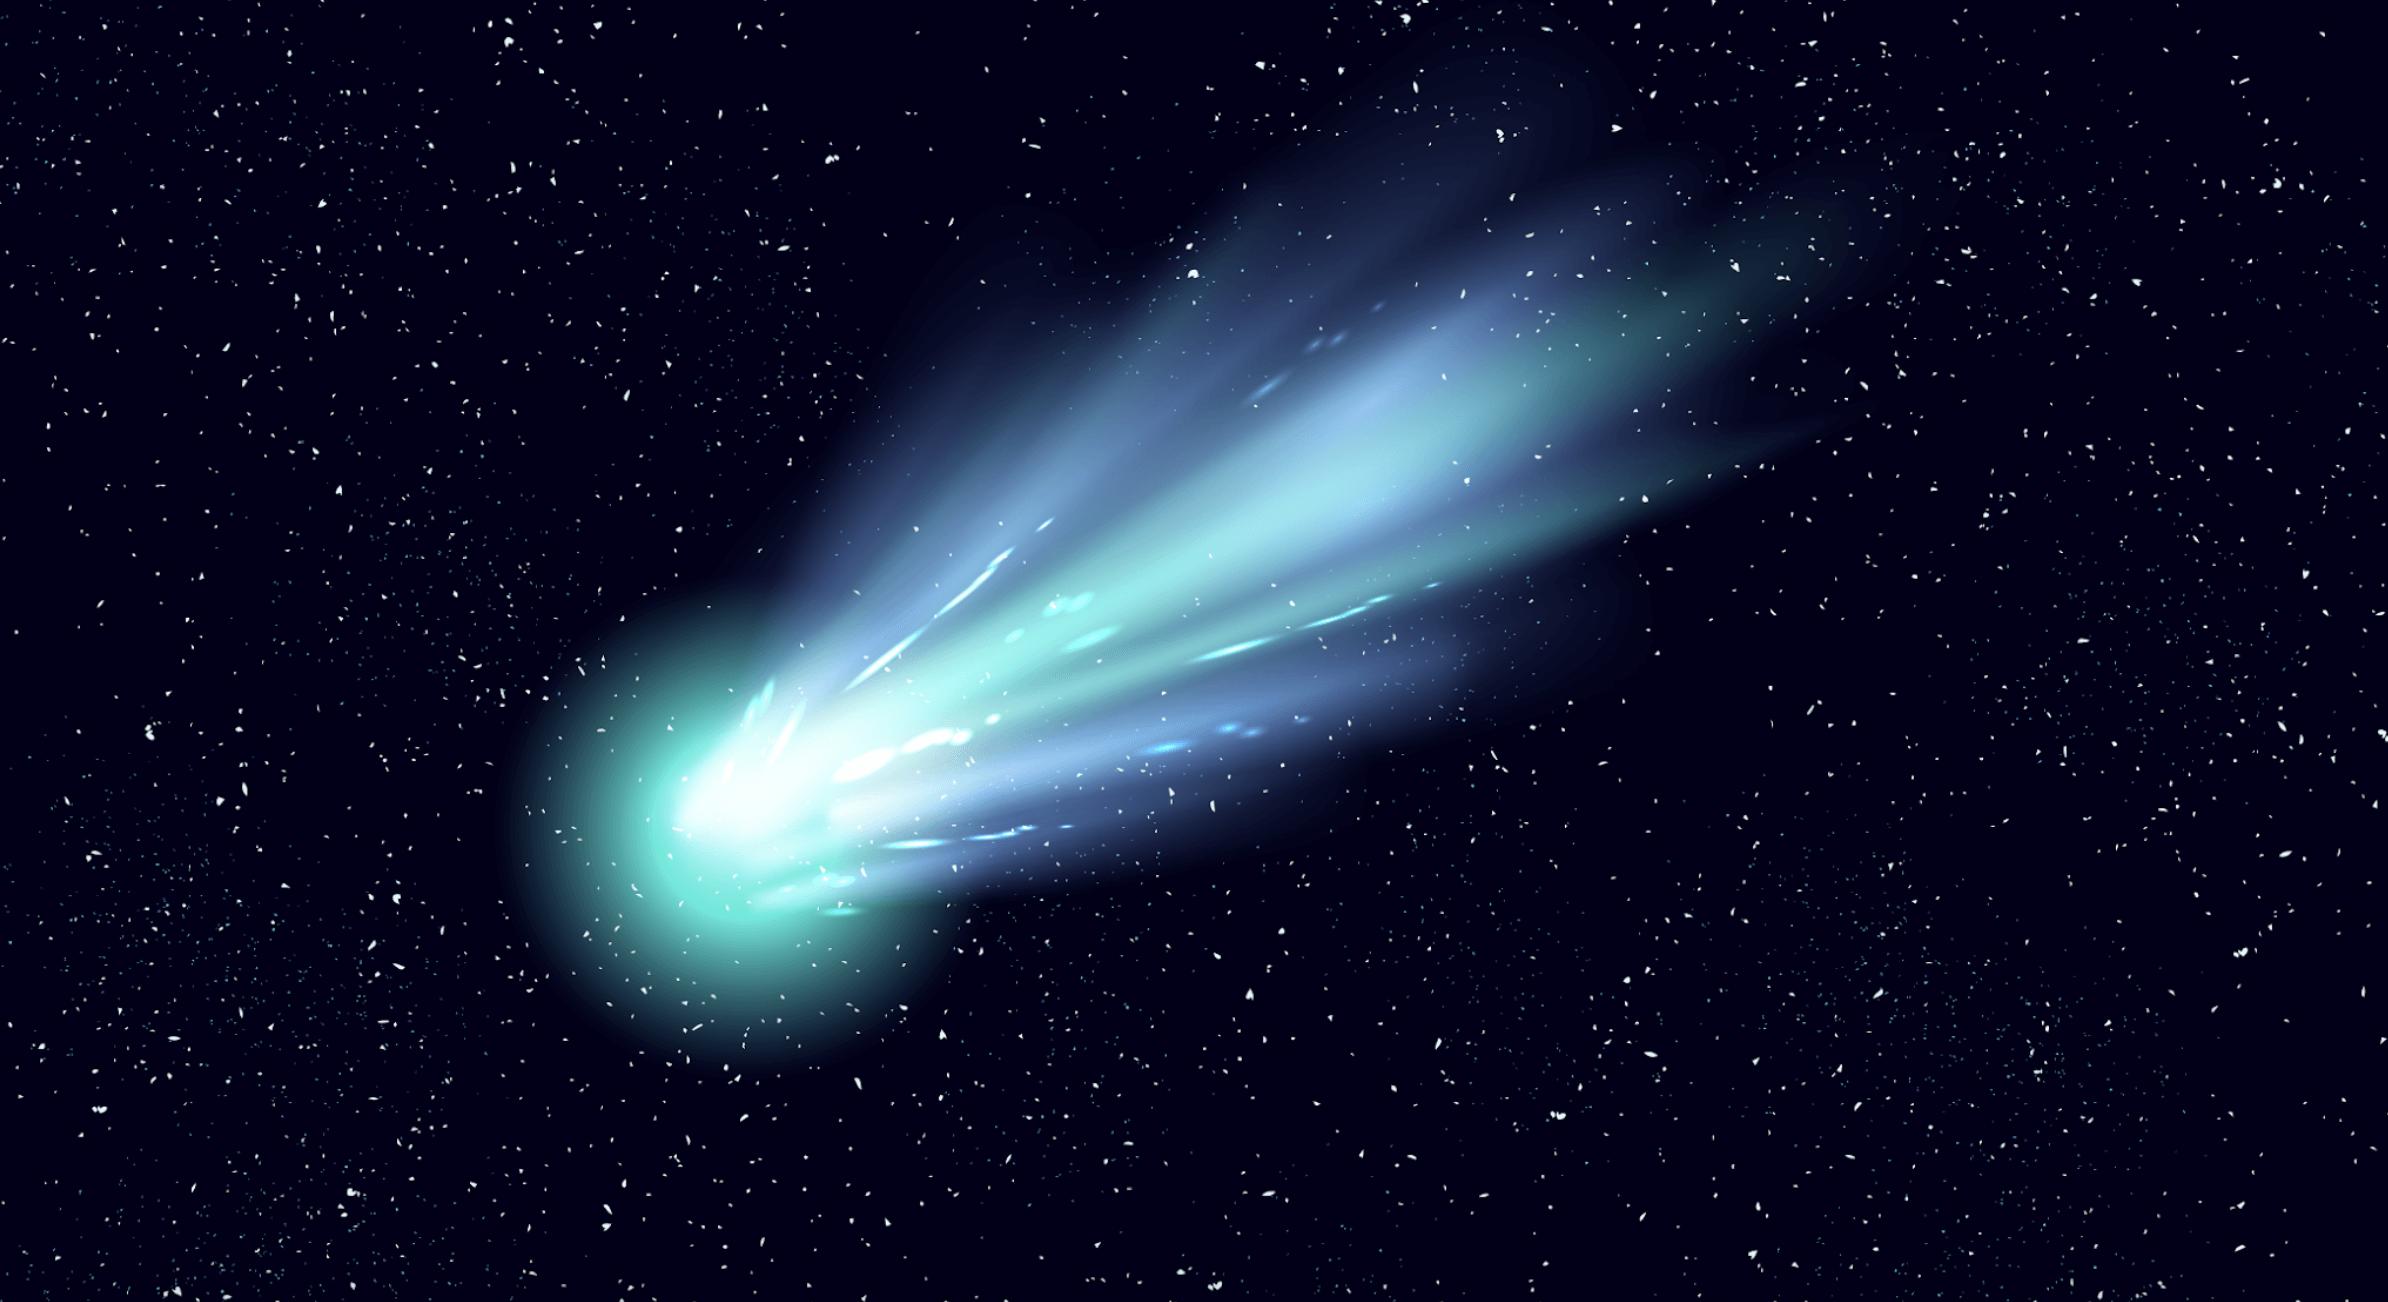 Комета Леонардо станет самым зрелищным событием 2021 года